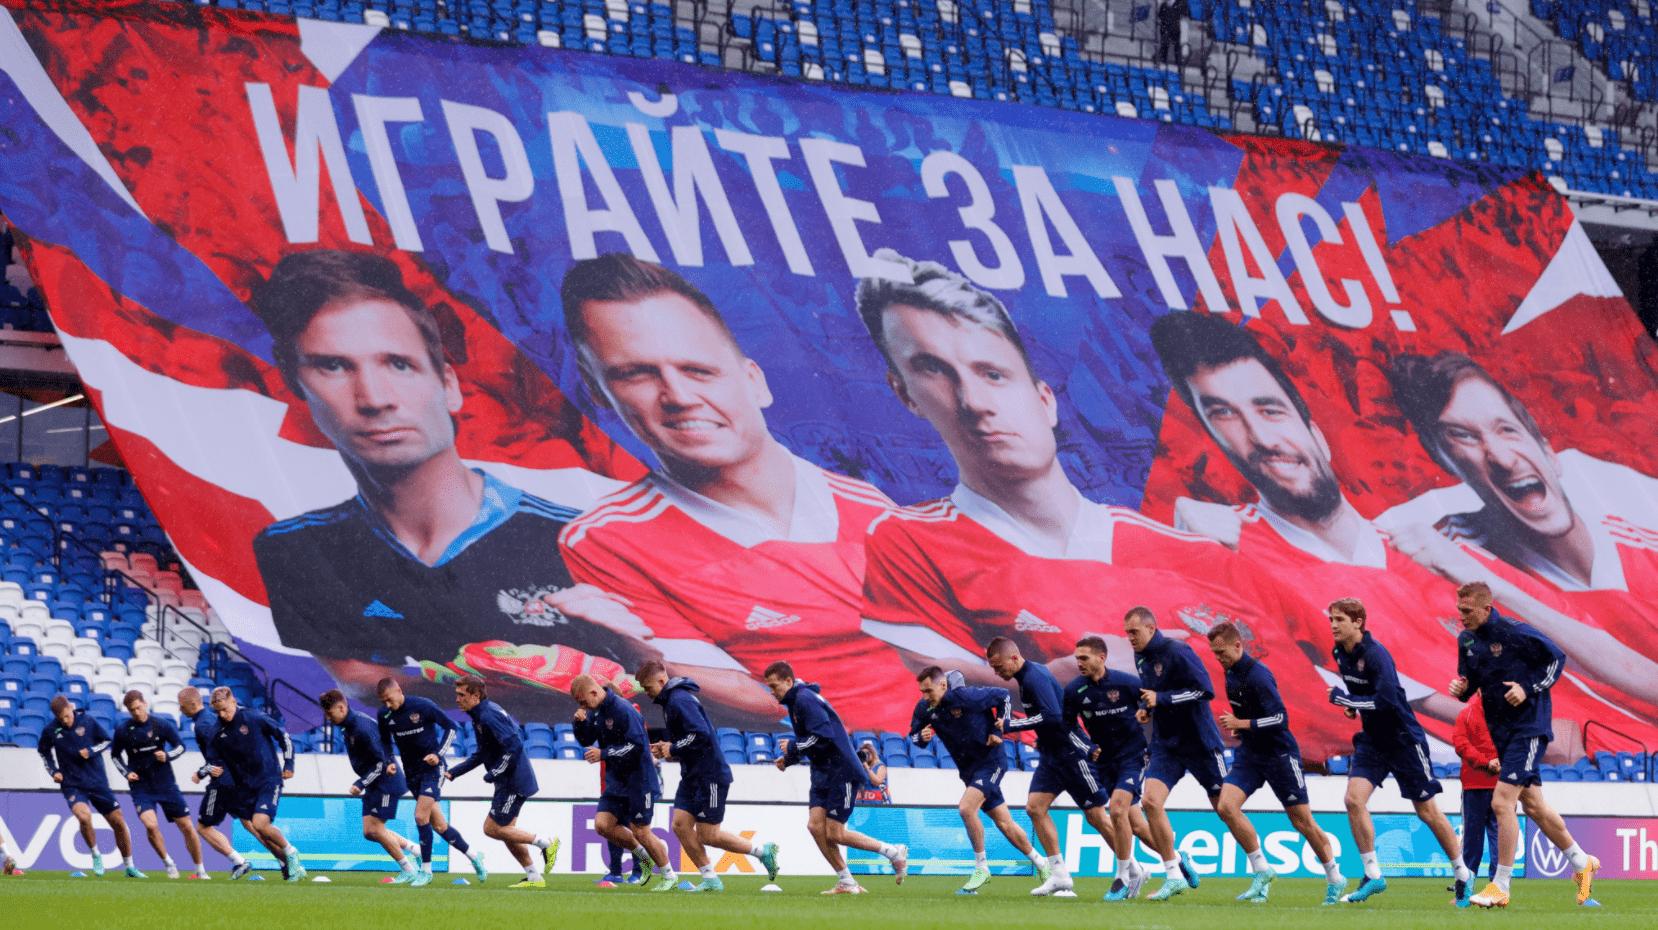 Эксперты Gracenote оценили шансы сборной России выйти в плей-офф Евро-2020